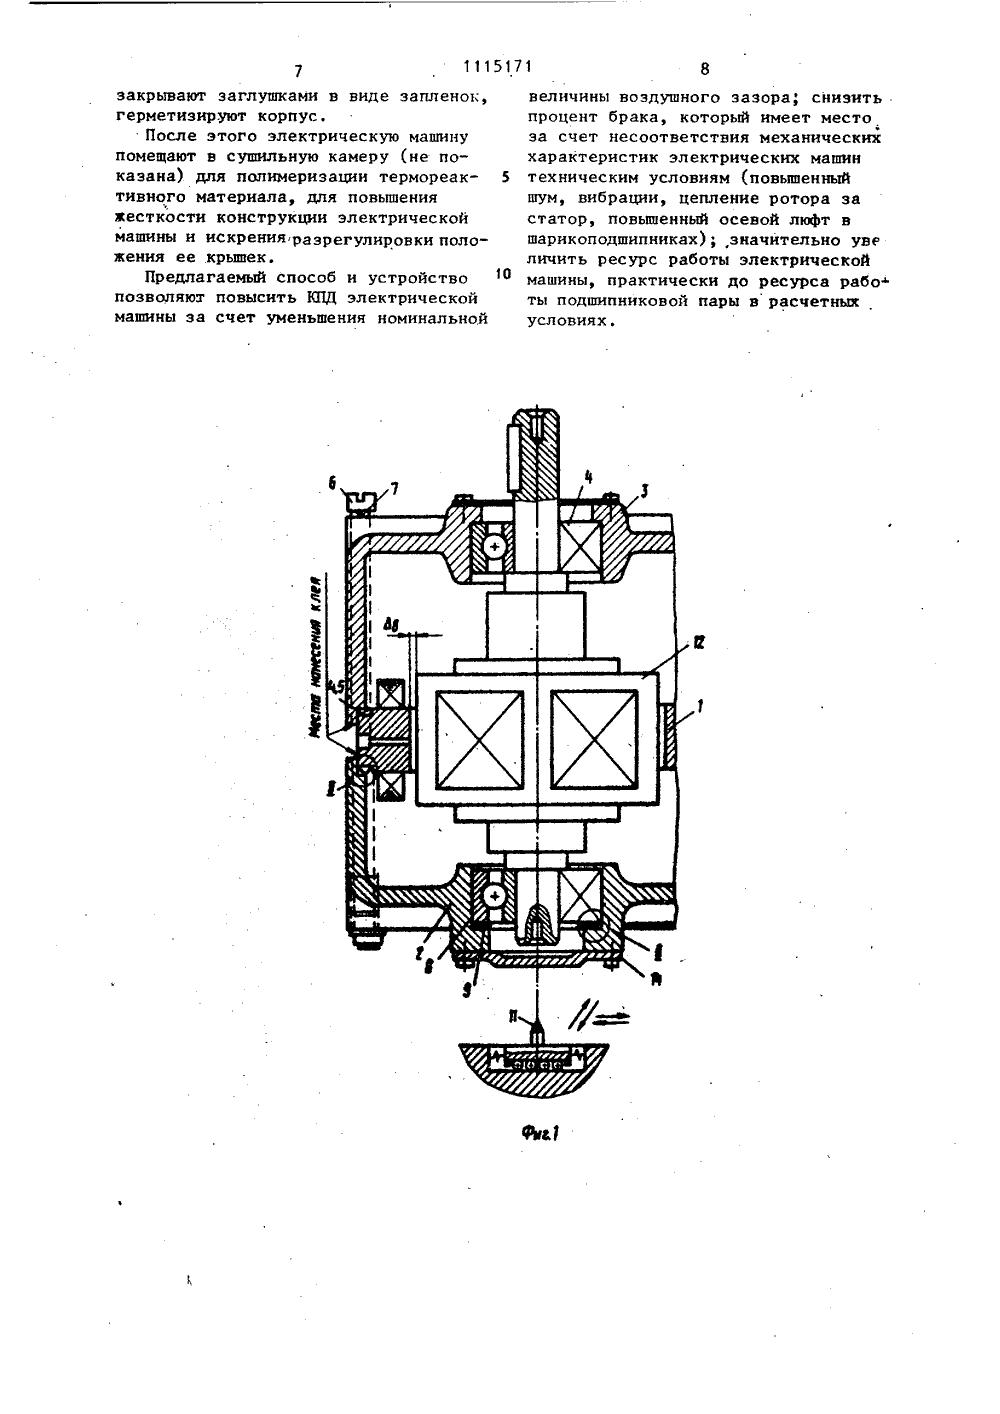 измерение зазоров между сталью ротора и статора директора компании иных